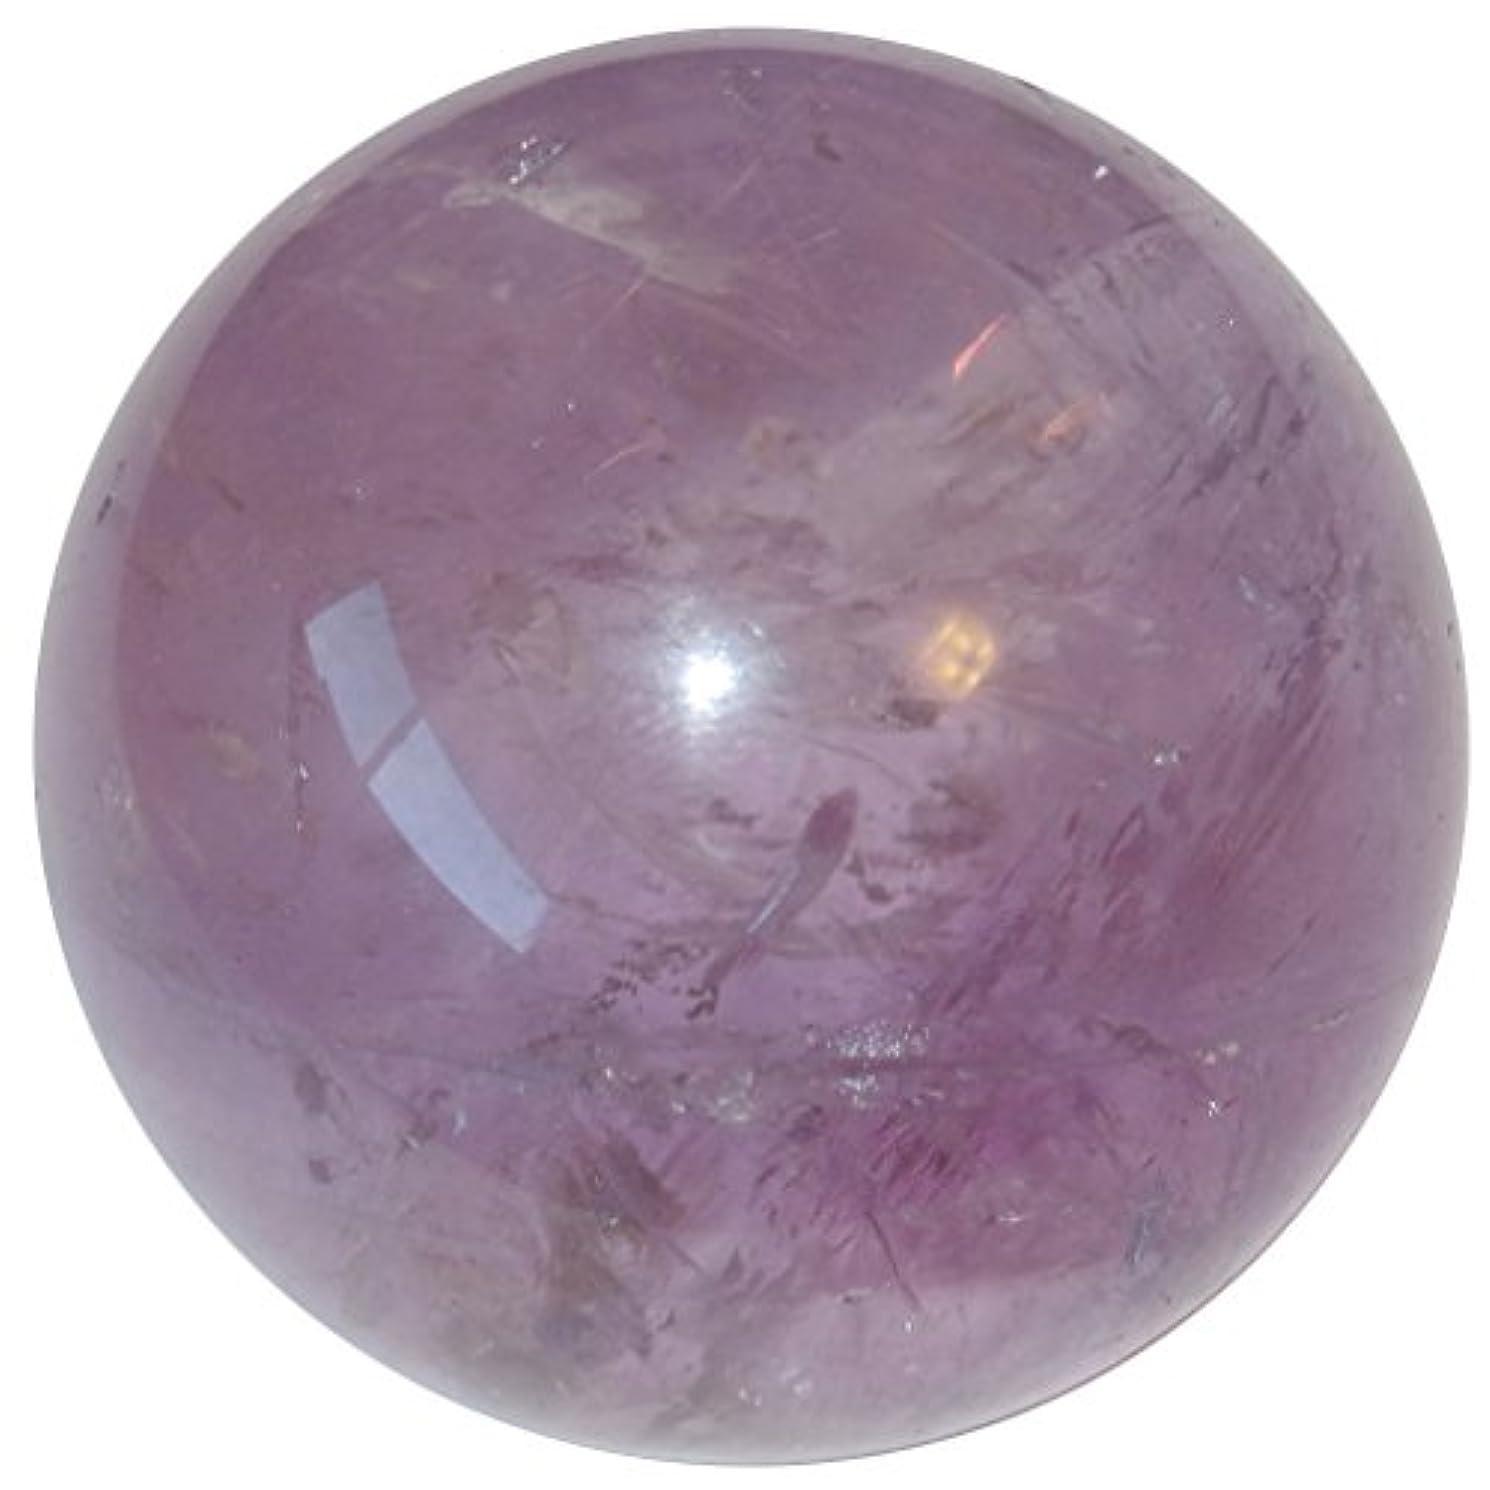 計算可能東ジョージエリオットサテンクリスタルアメジストボールプレミアムクリアパープルバイオレットレインボー球SpiritualエネルギーHealing Stoneブラジルp08 1.8 Inches パープル amethystball08-1.8